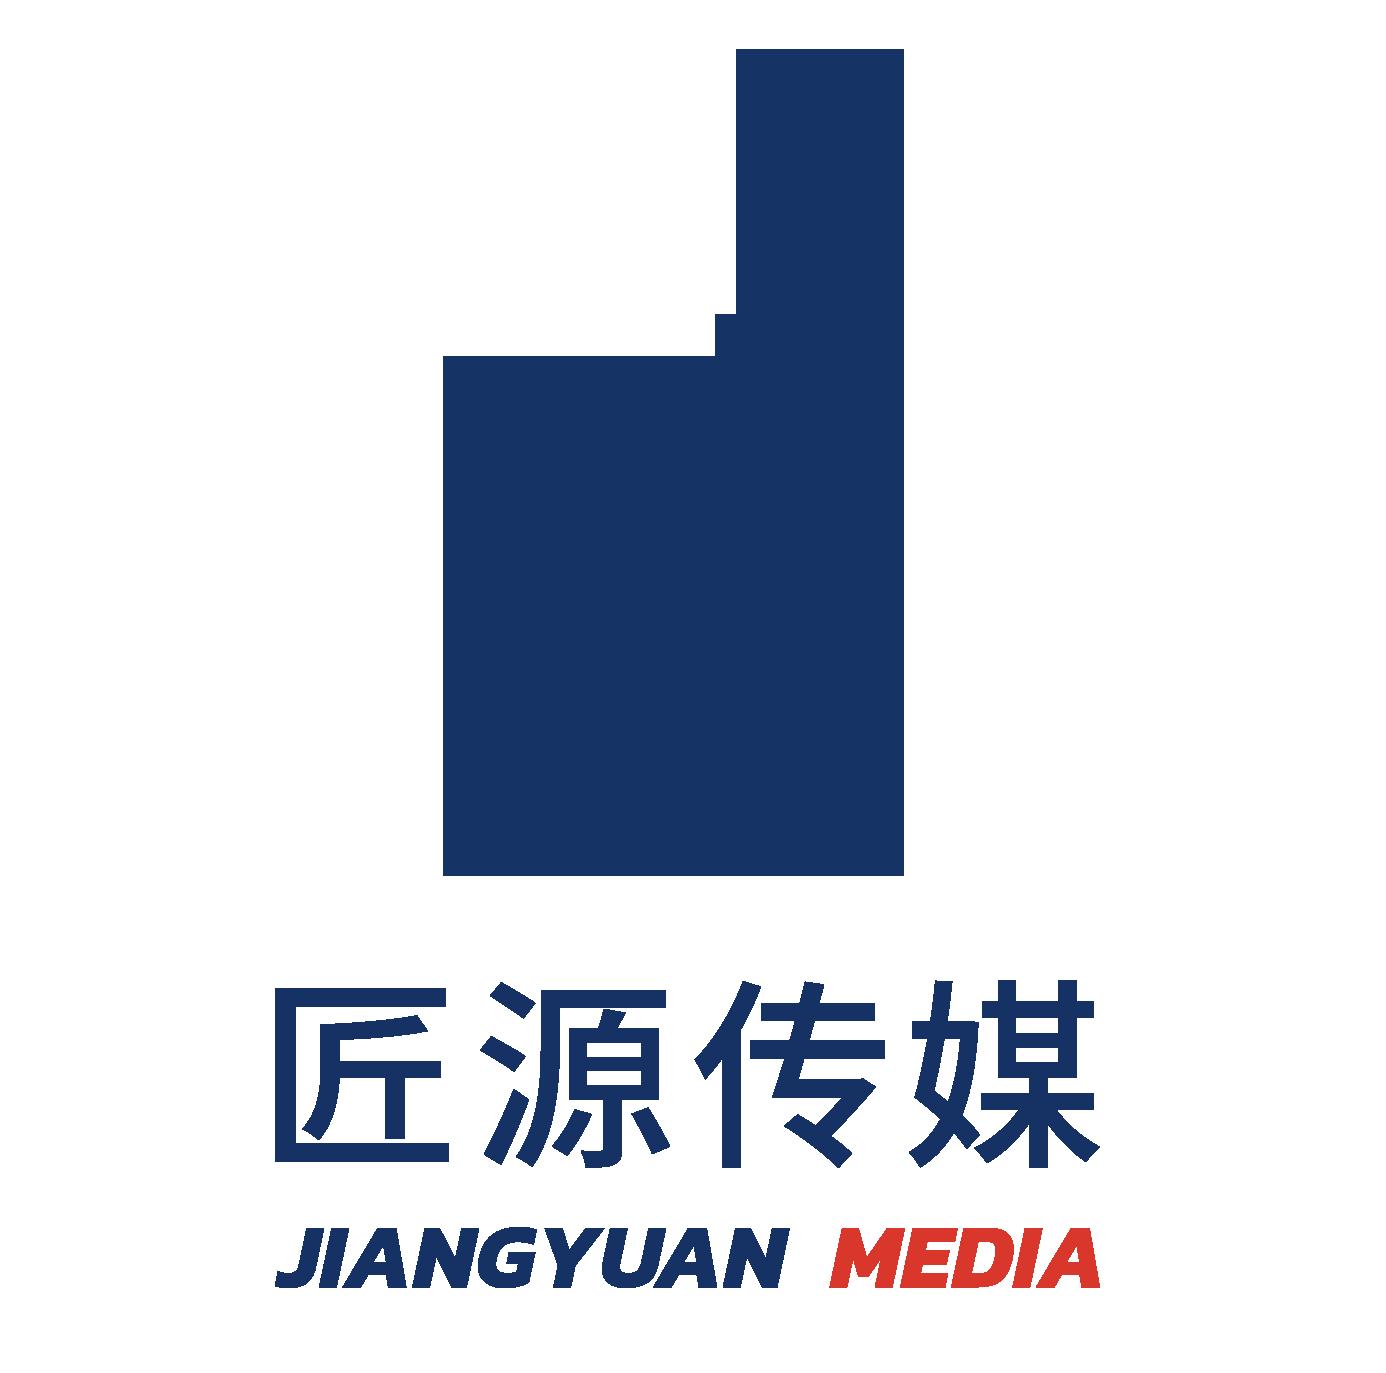 貴州雋秀匠源網絡信息傳媒有限責任公司